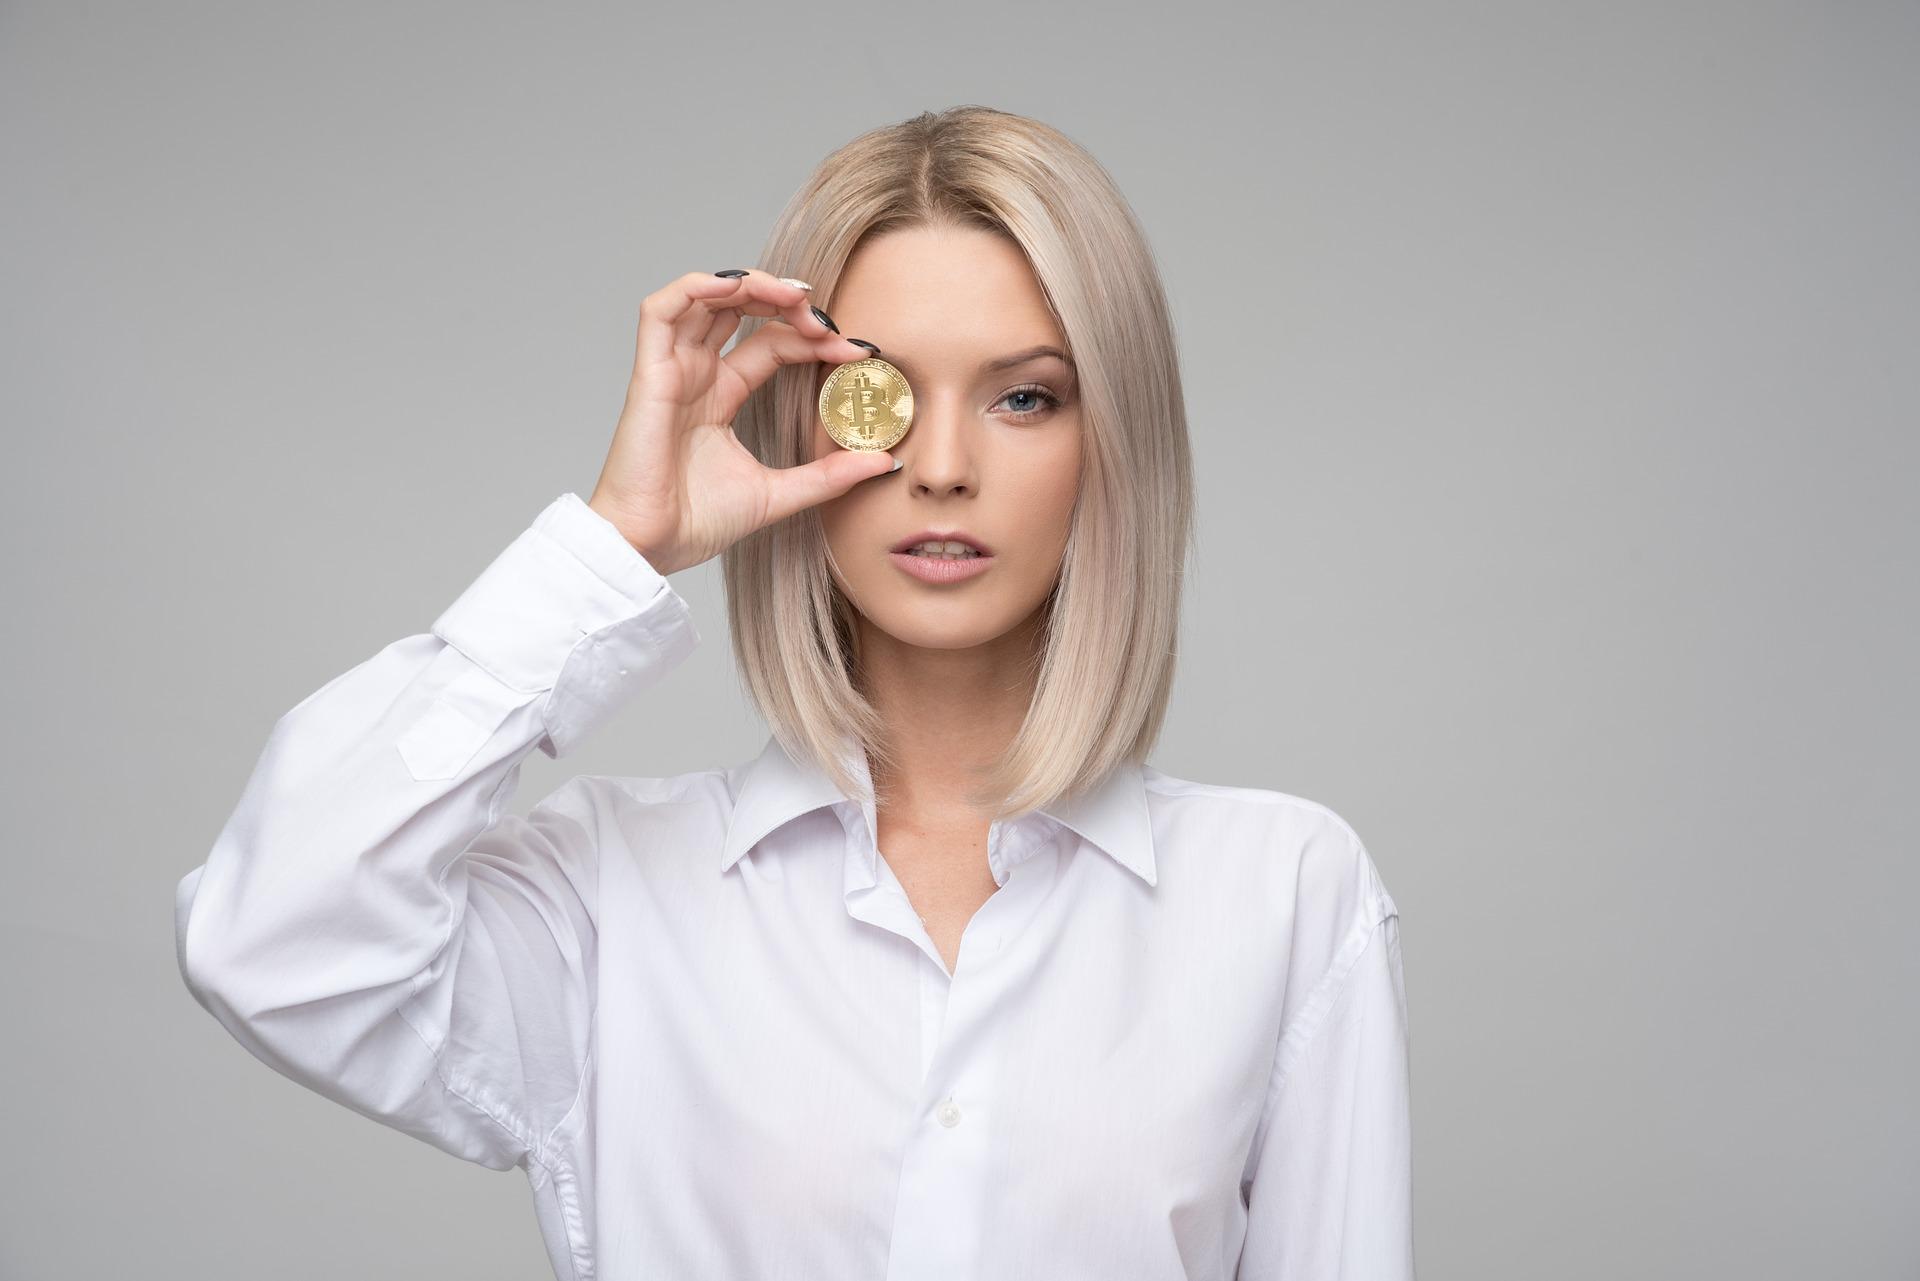 Vállakkozó nő, üzletasszony dilemma